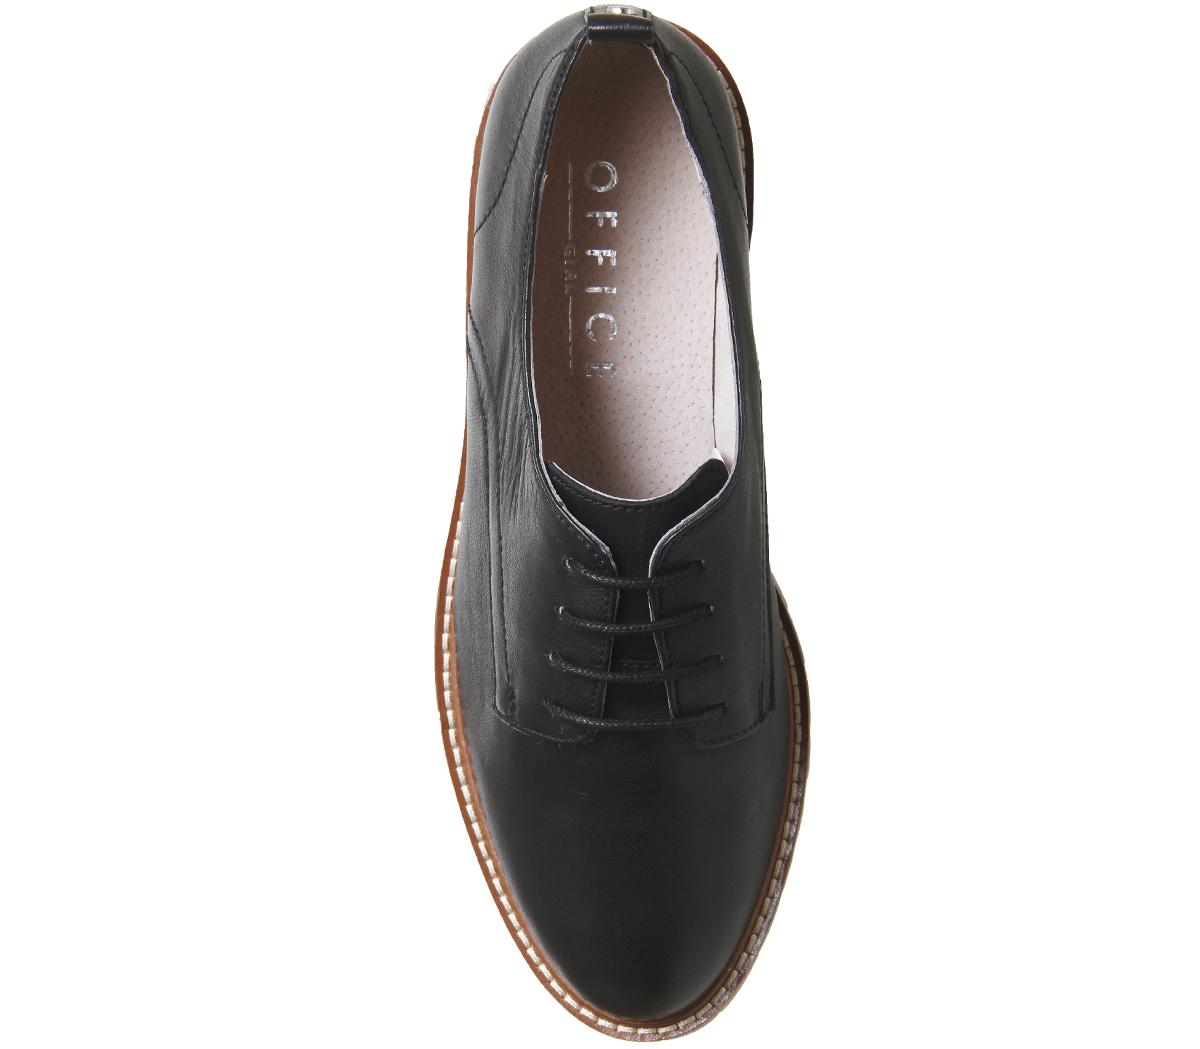 Goma Cuero Con Cordones Mujer Suela Office De Zapatos Negro Kennedy gwAUz